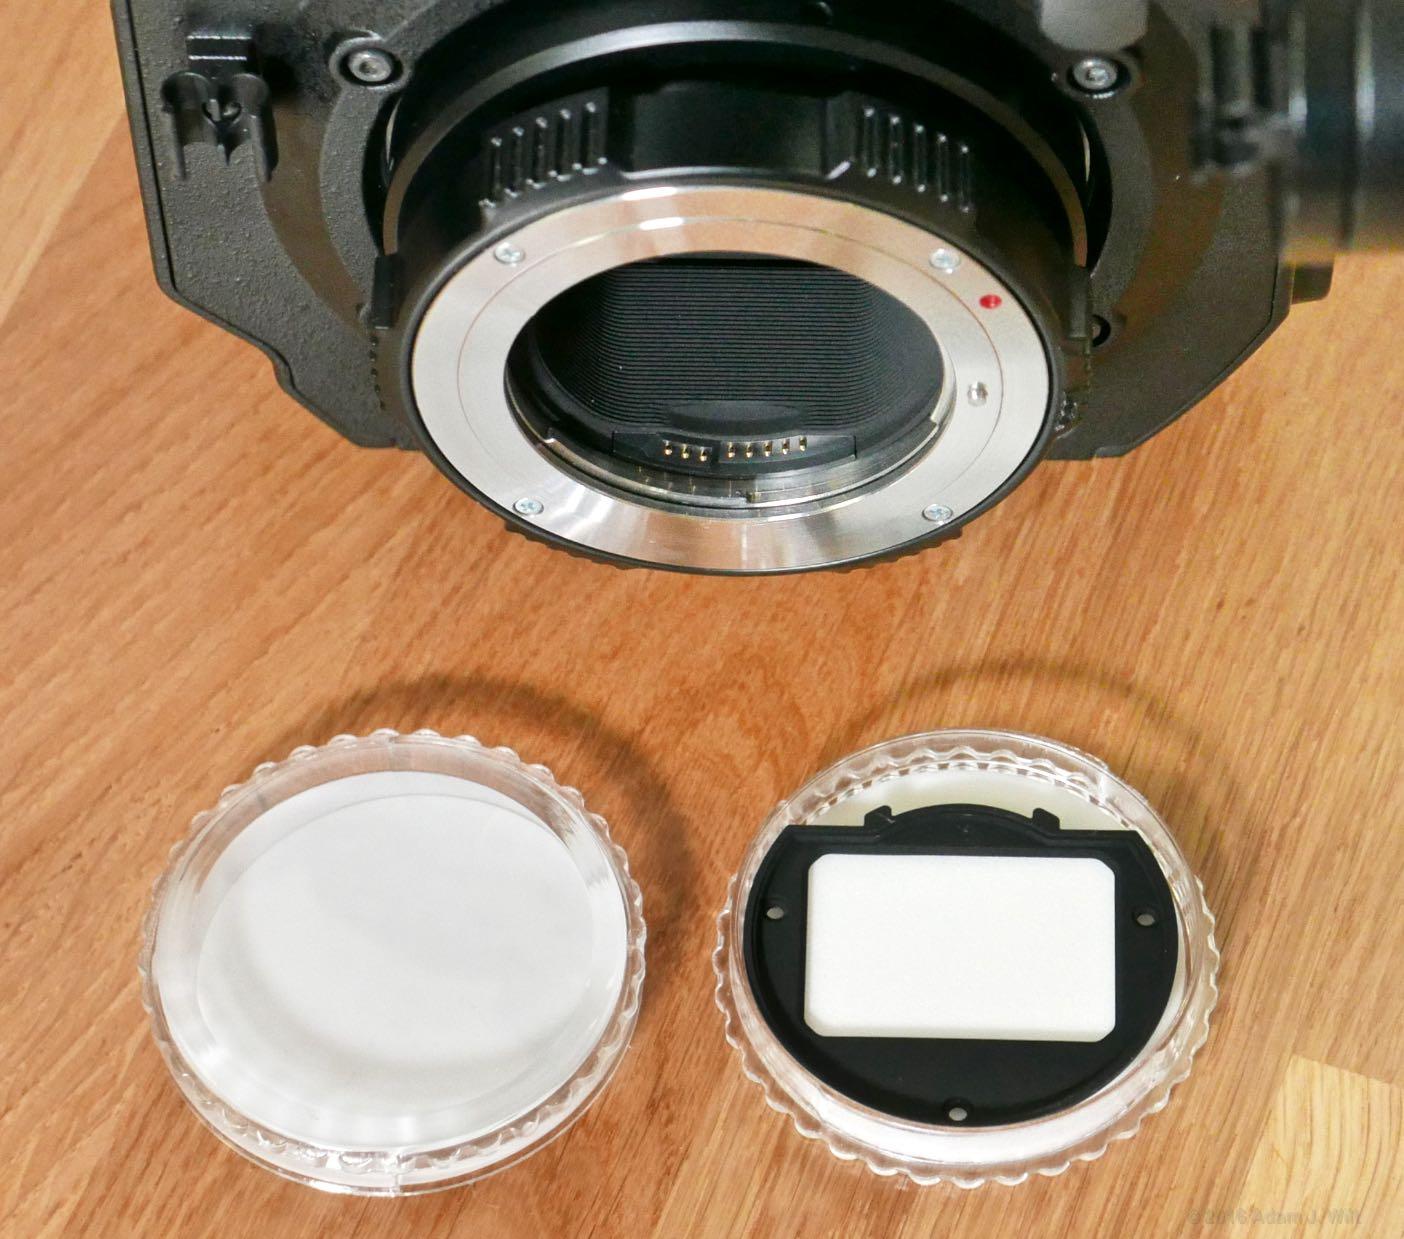 VariCam LT clear IR-pass filter